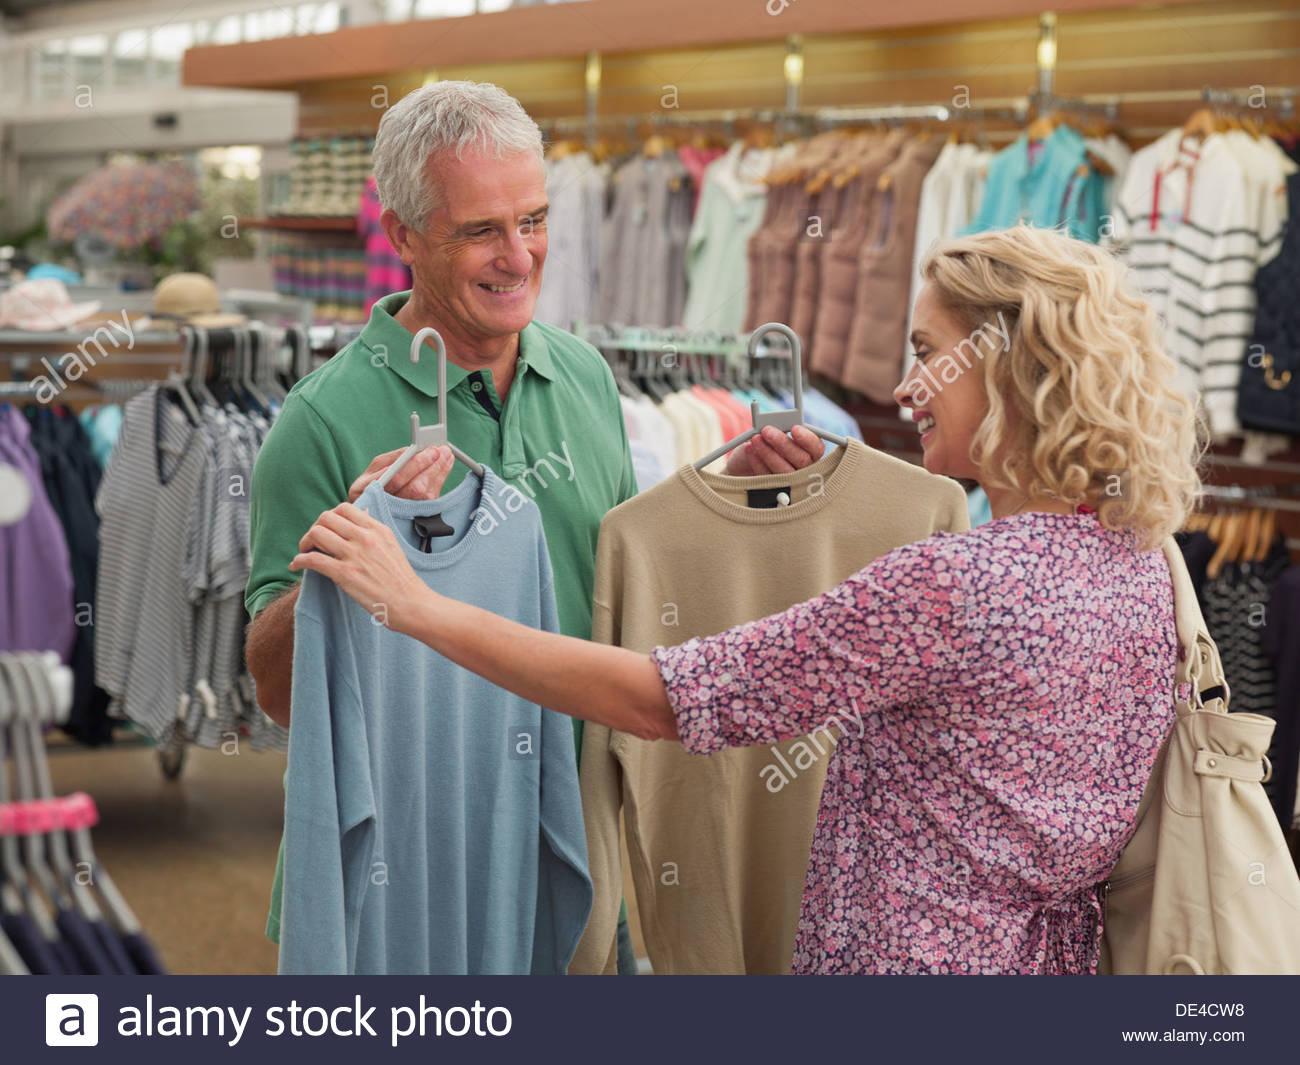 Par comprar ropa en la tienda Imagen De Stock